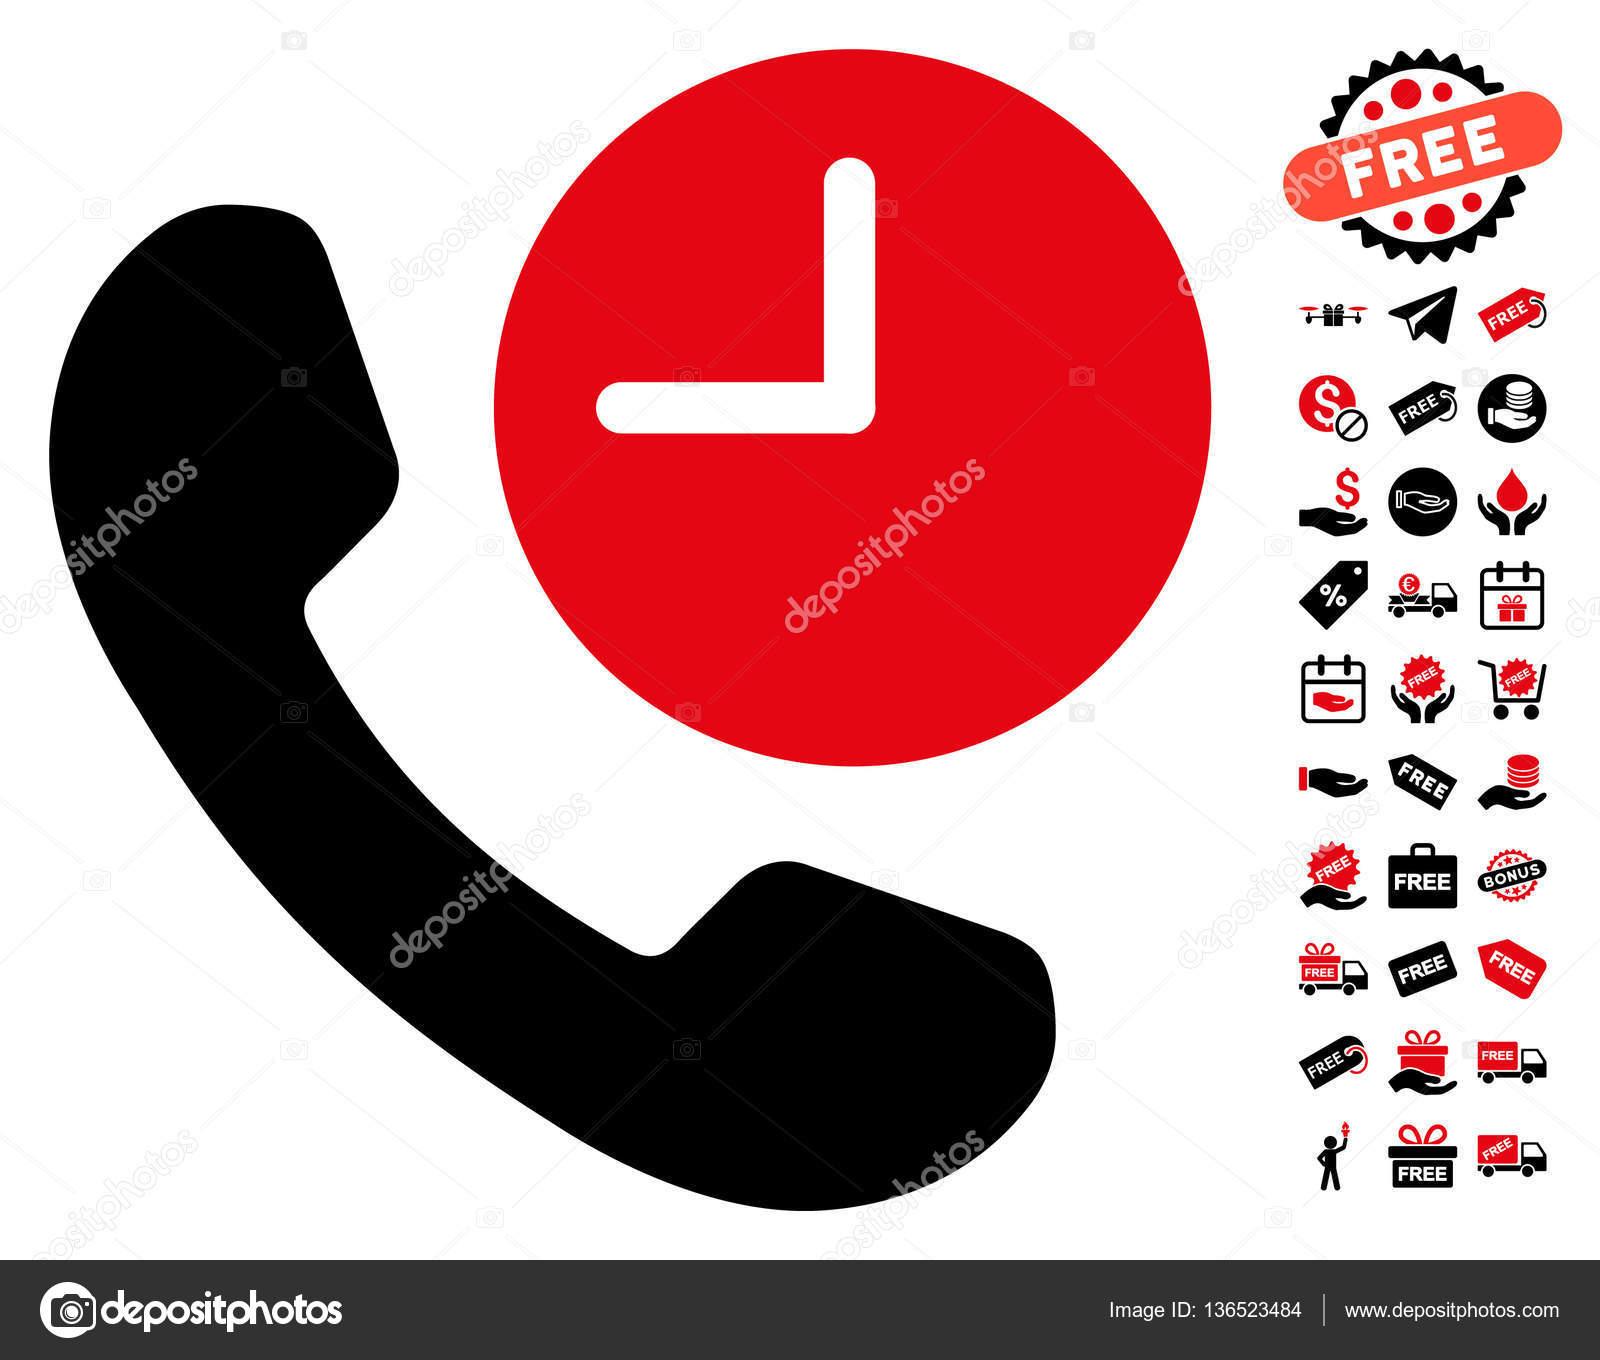 無料ボーナス携帯電話アイコン — ストックベクター © ahasoft #136523484